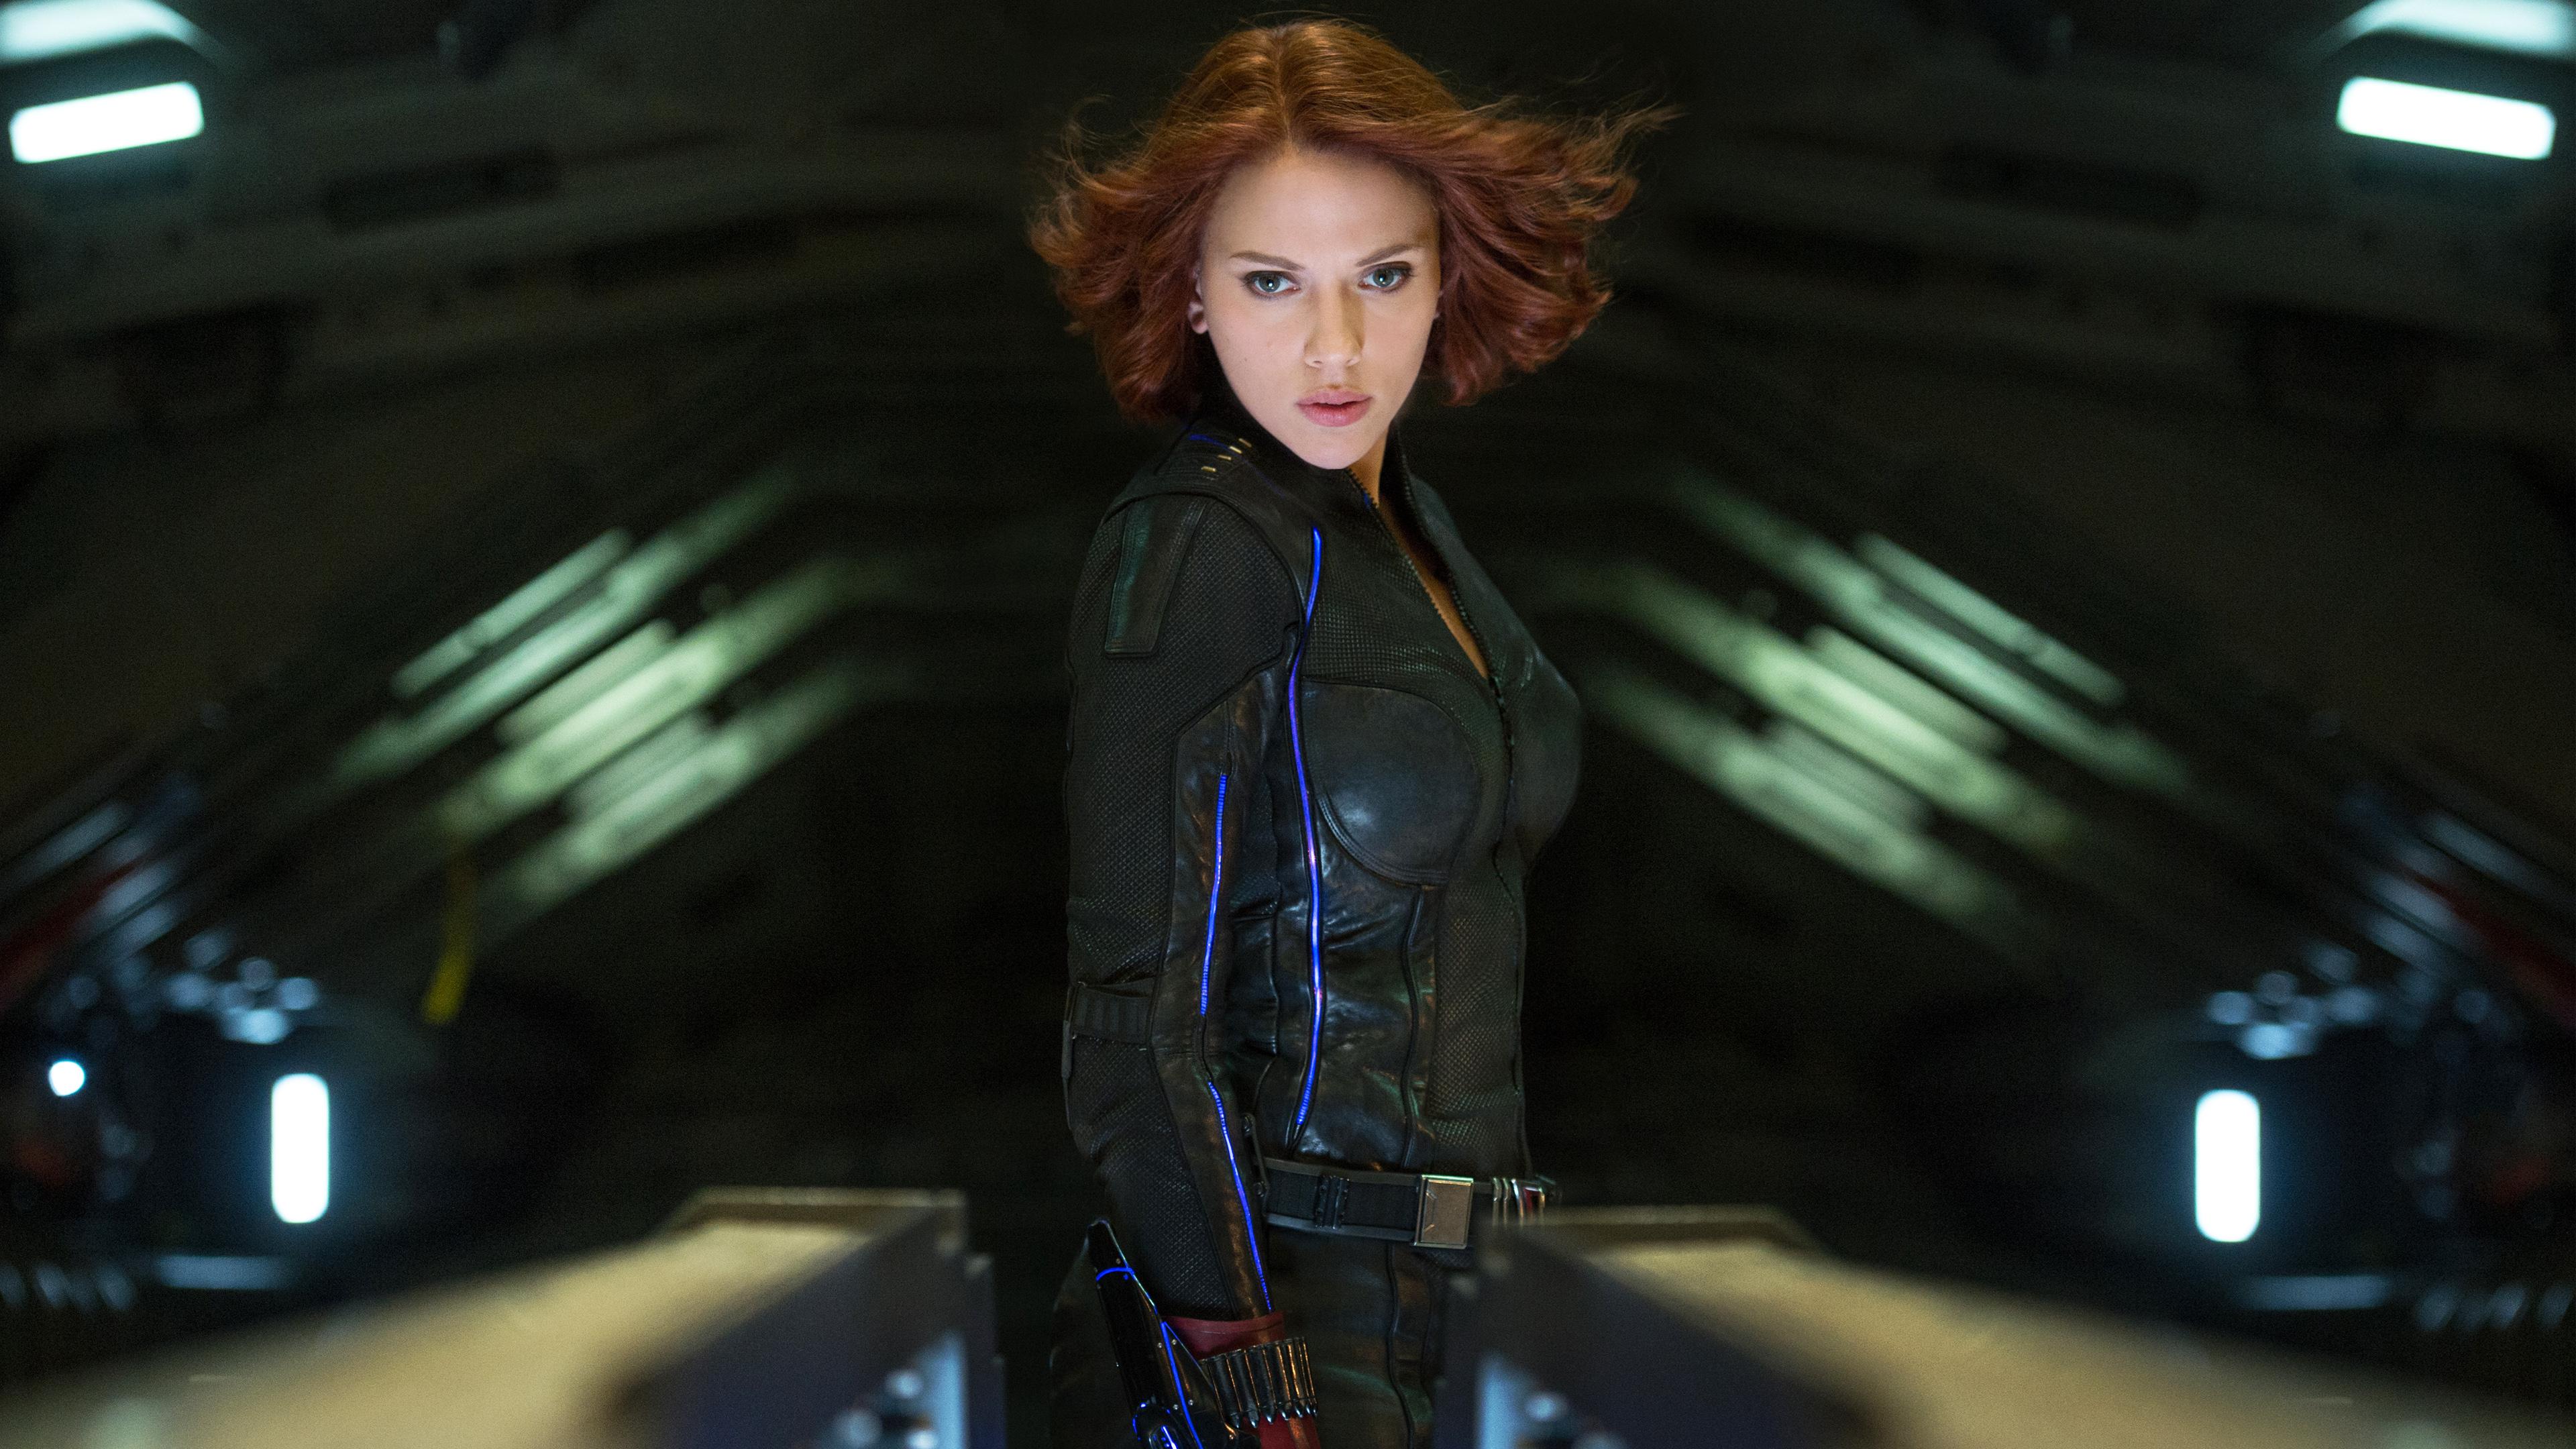 Scarlett Johansson Avengers Wallpaper Wallpapersafari